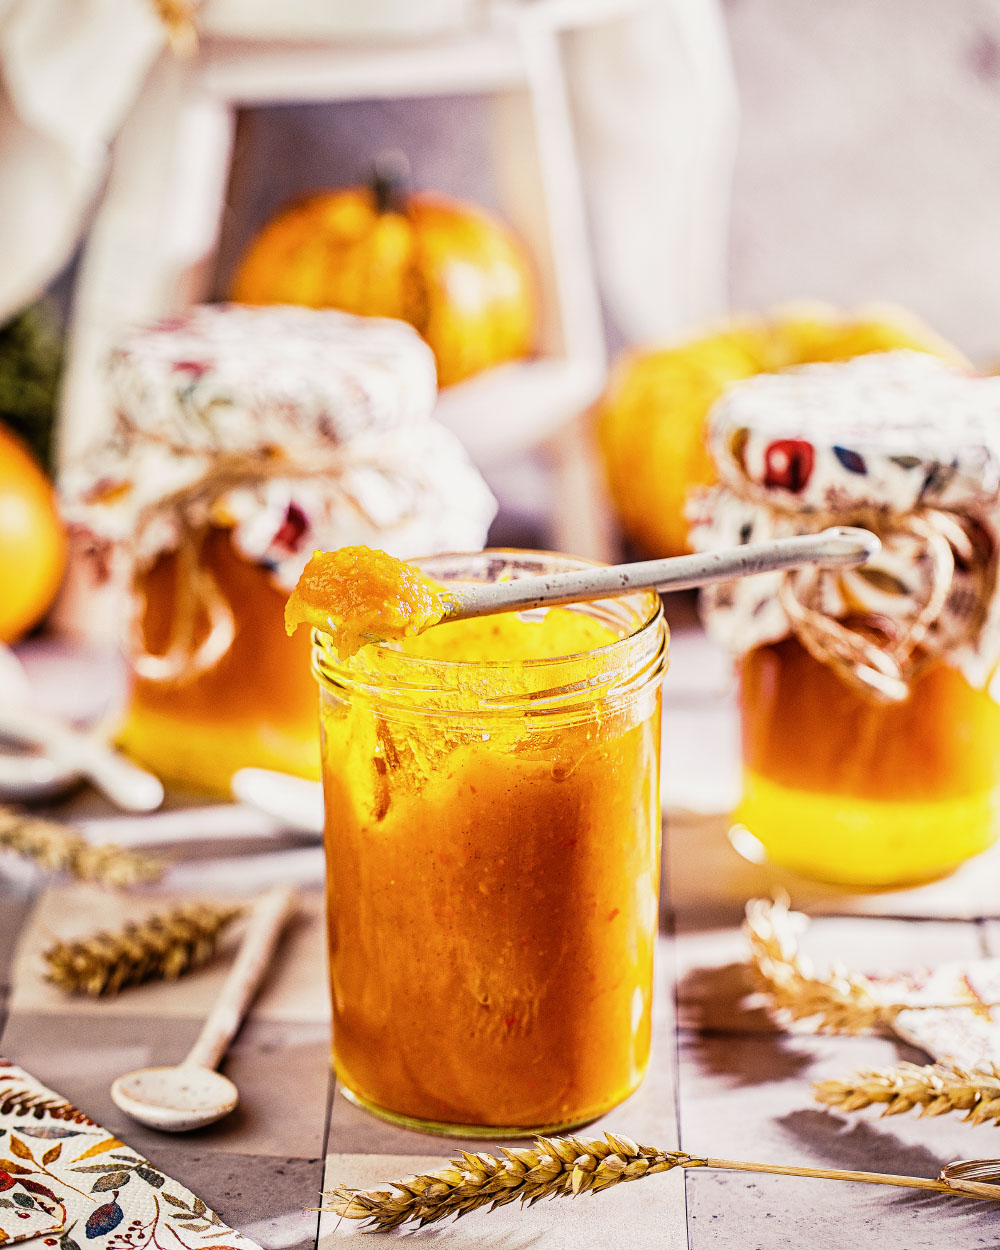 Kürbis Marmelade selber machen einfaches rezept